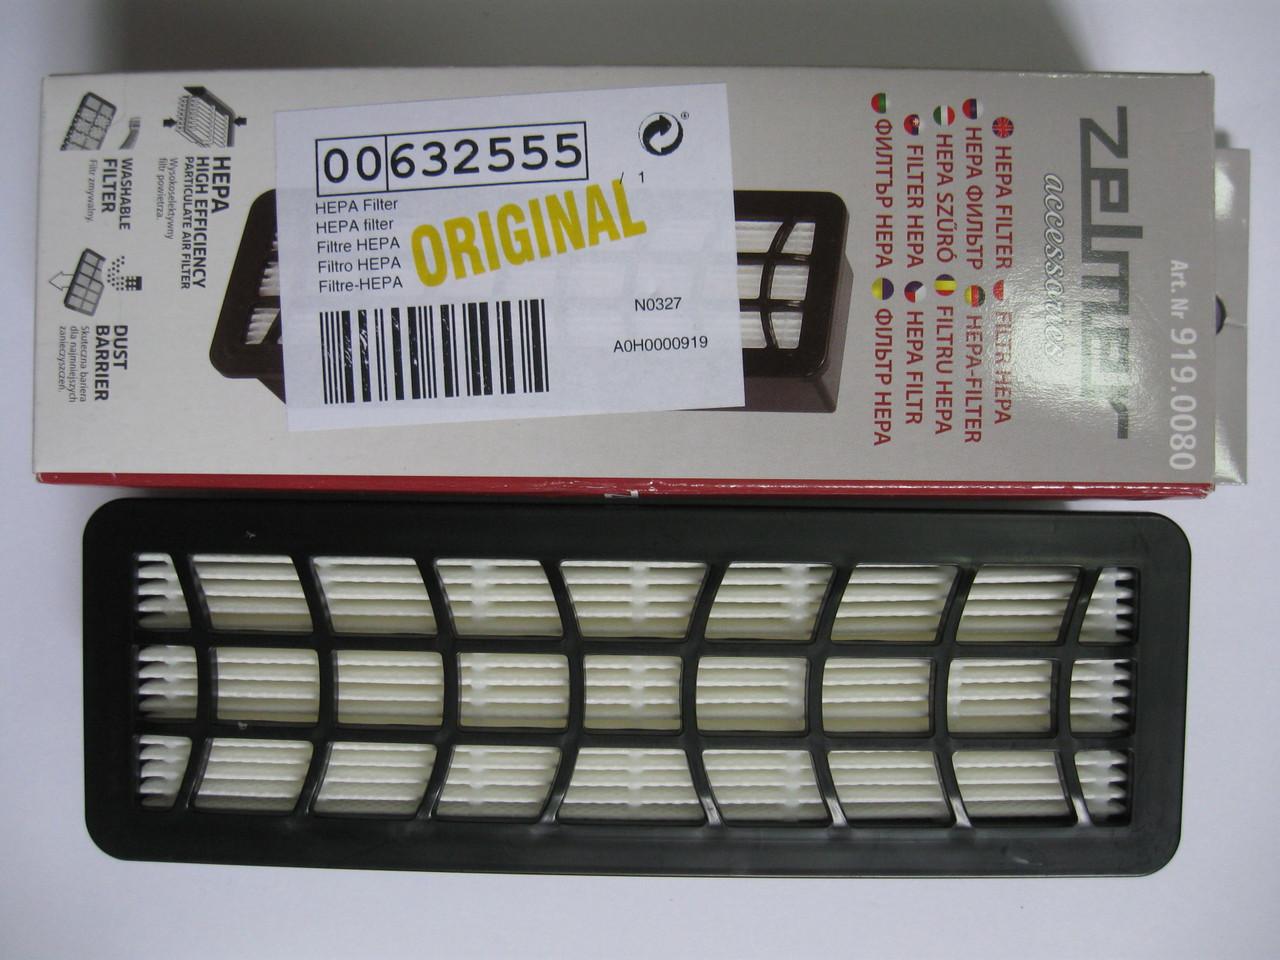 Фильтр для пылесоса Zelmer VC7920, 00632555